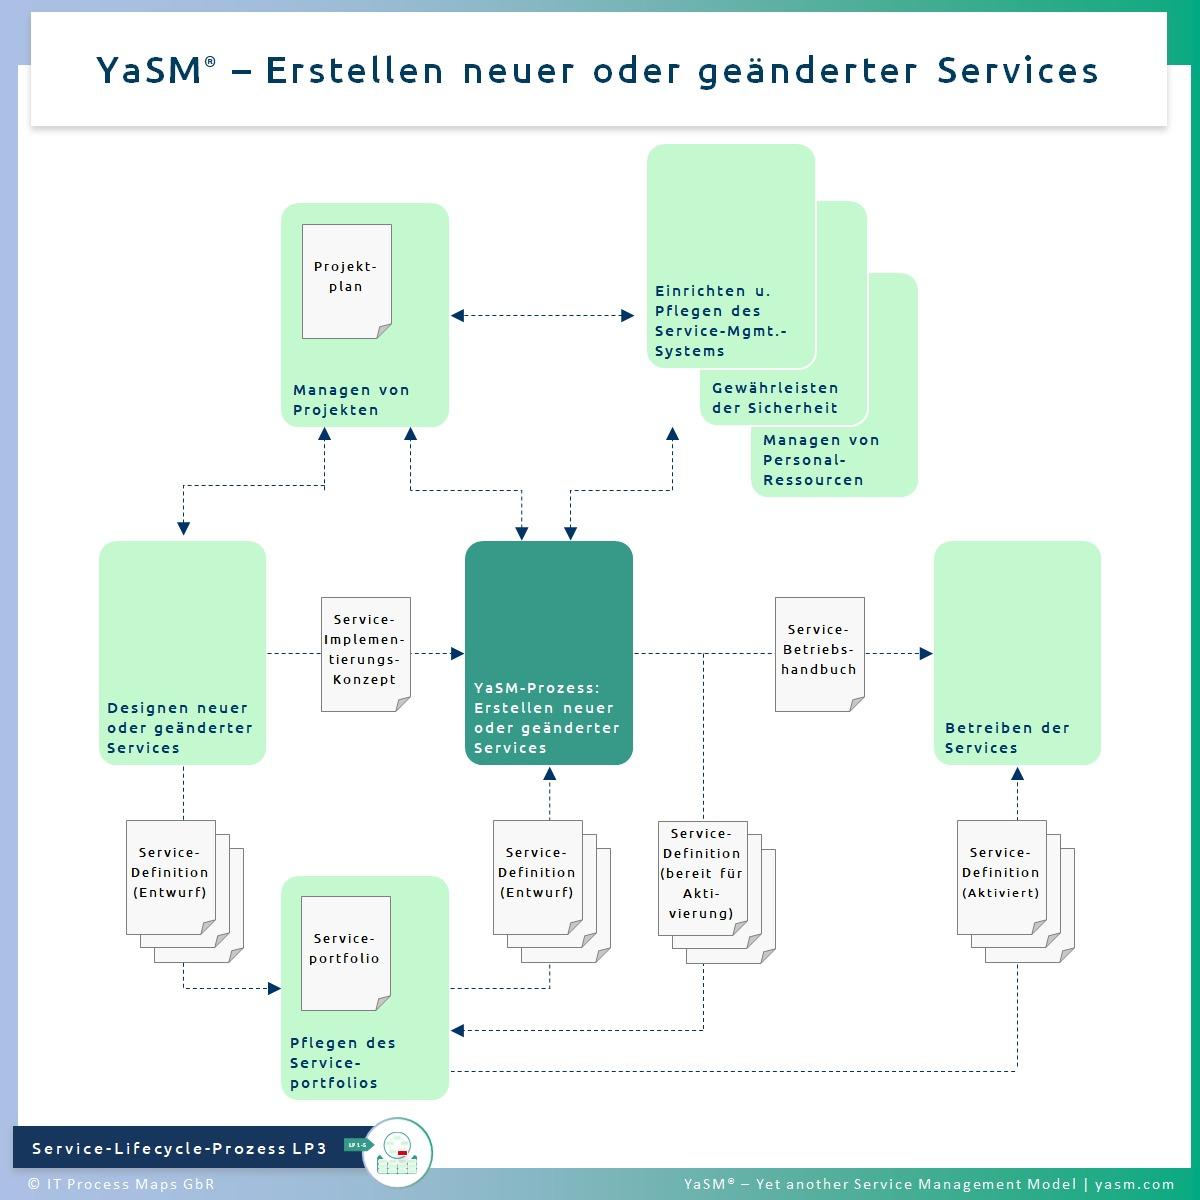 Abb. 1: Erstellen neuer oder geänderter Services. - YaSM Service-Erstellungs-Prozess LP3.